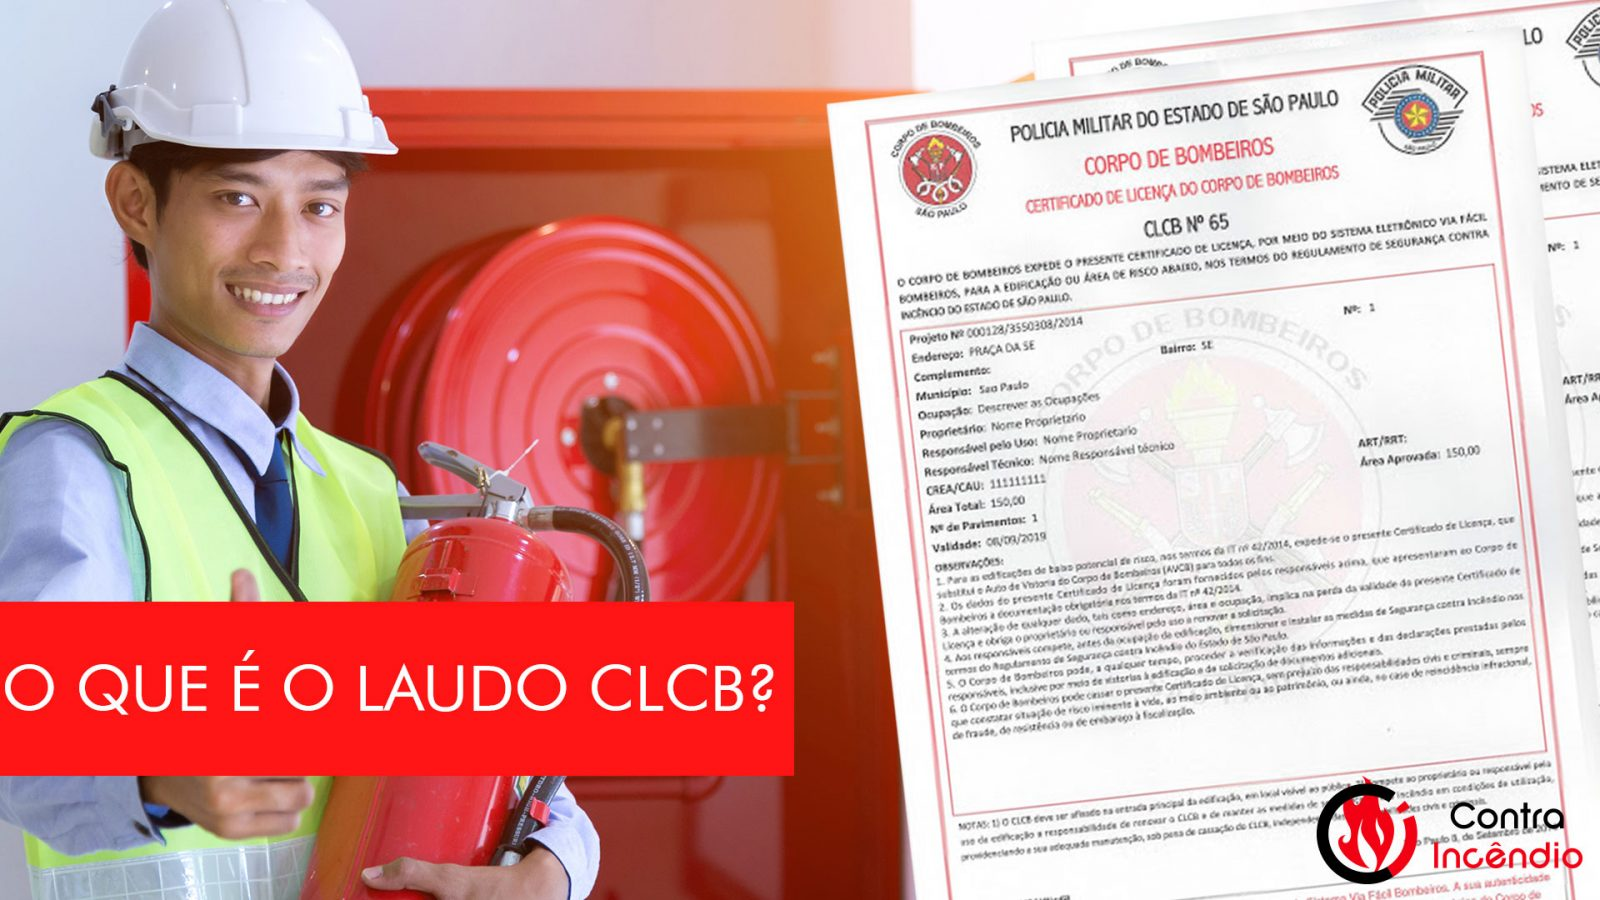 O-QUE-É-CLCB